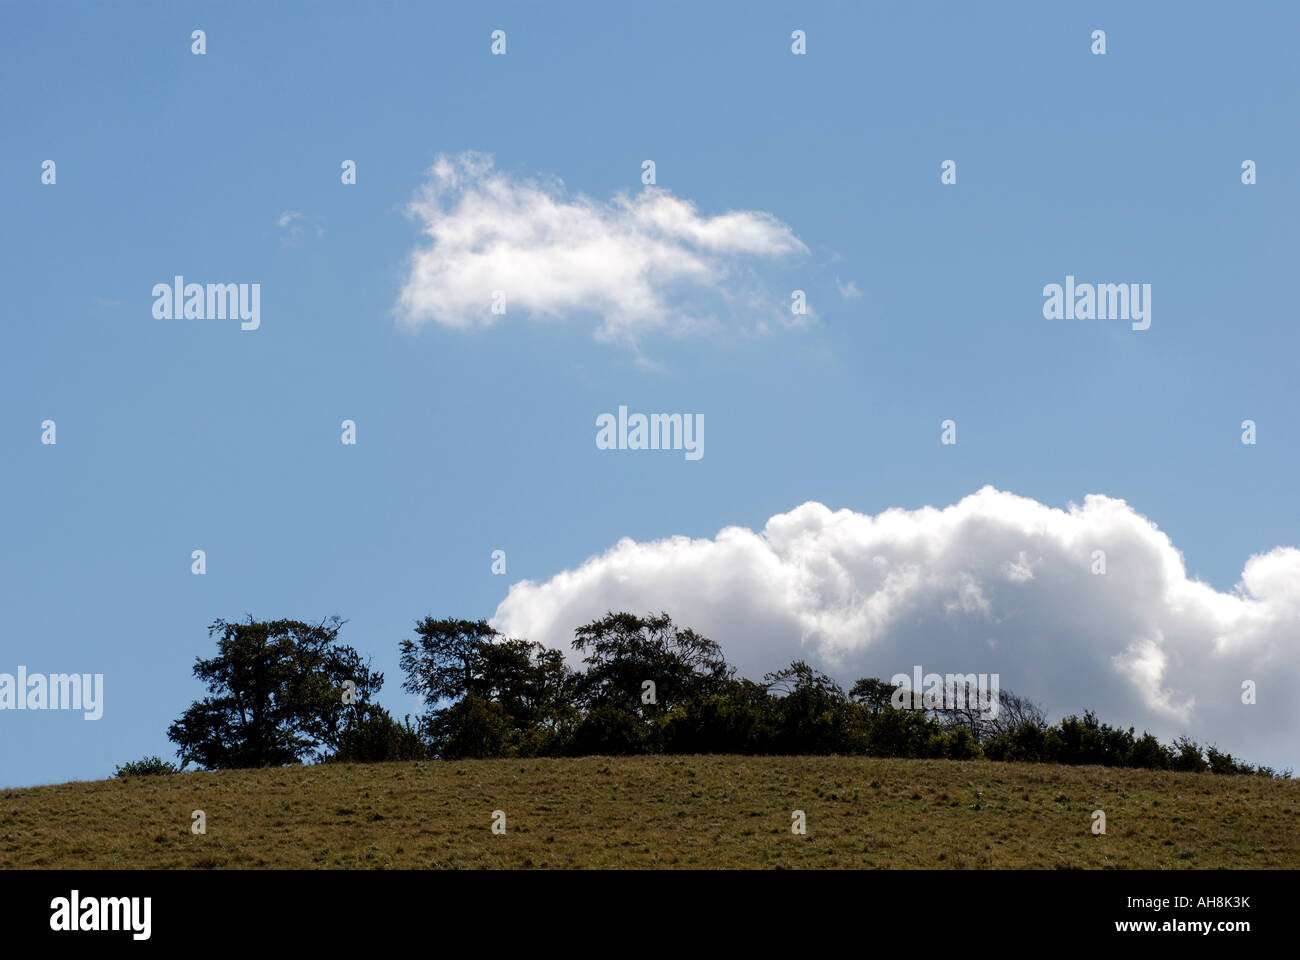 Round Hill, Wittenham Clumps, Oxfordshire, England, UK - Stock Image